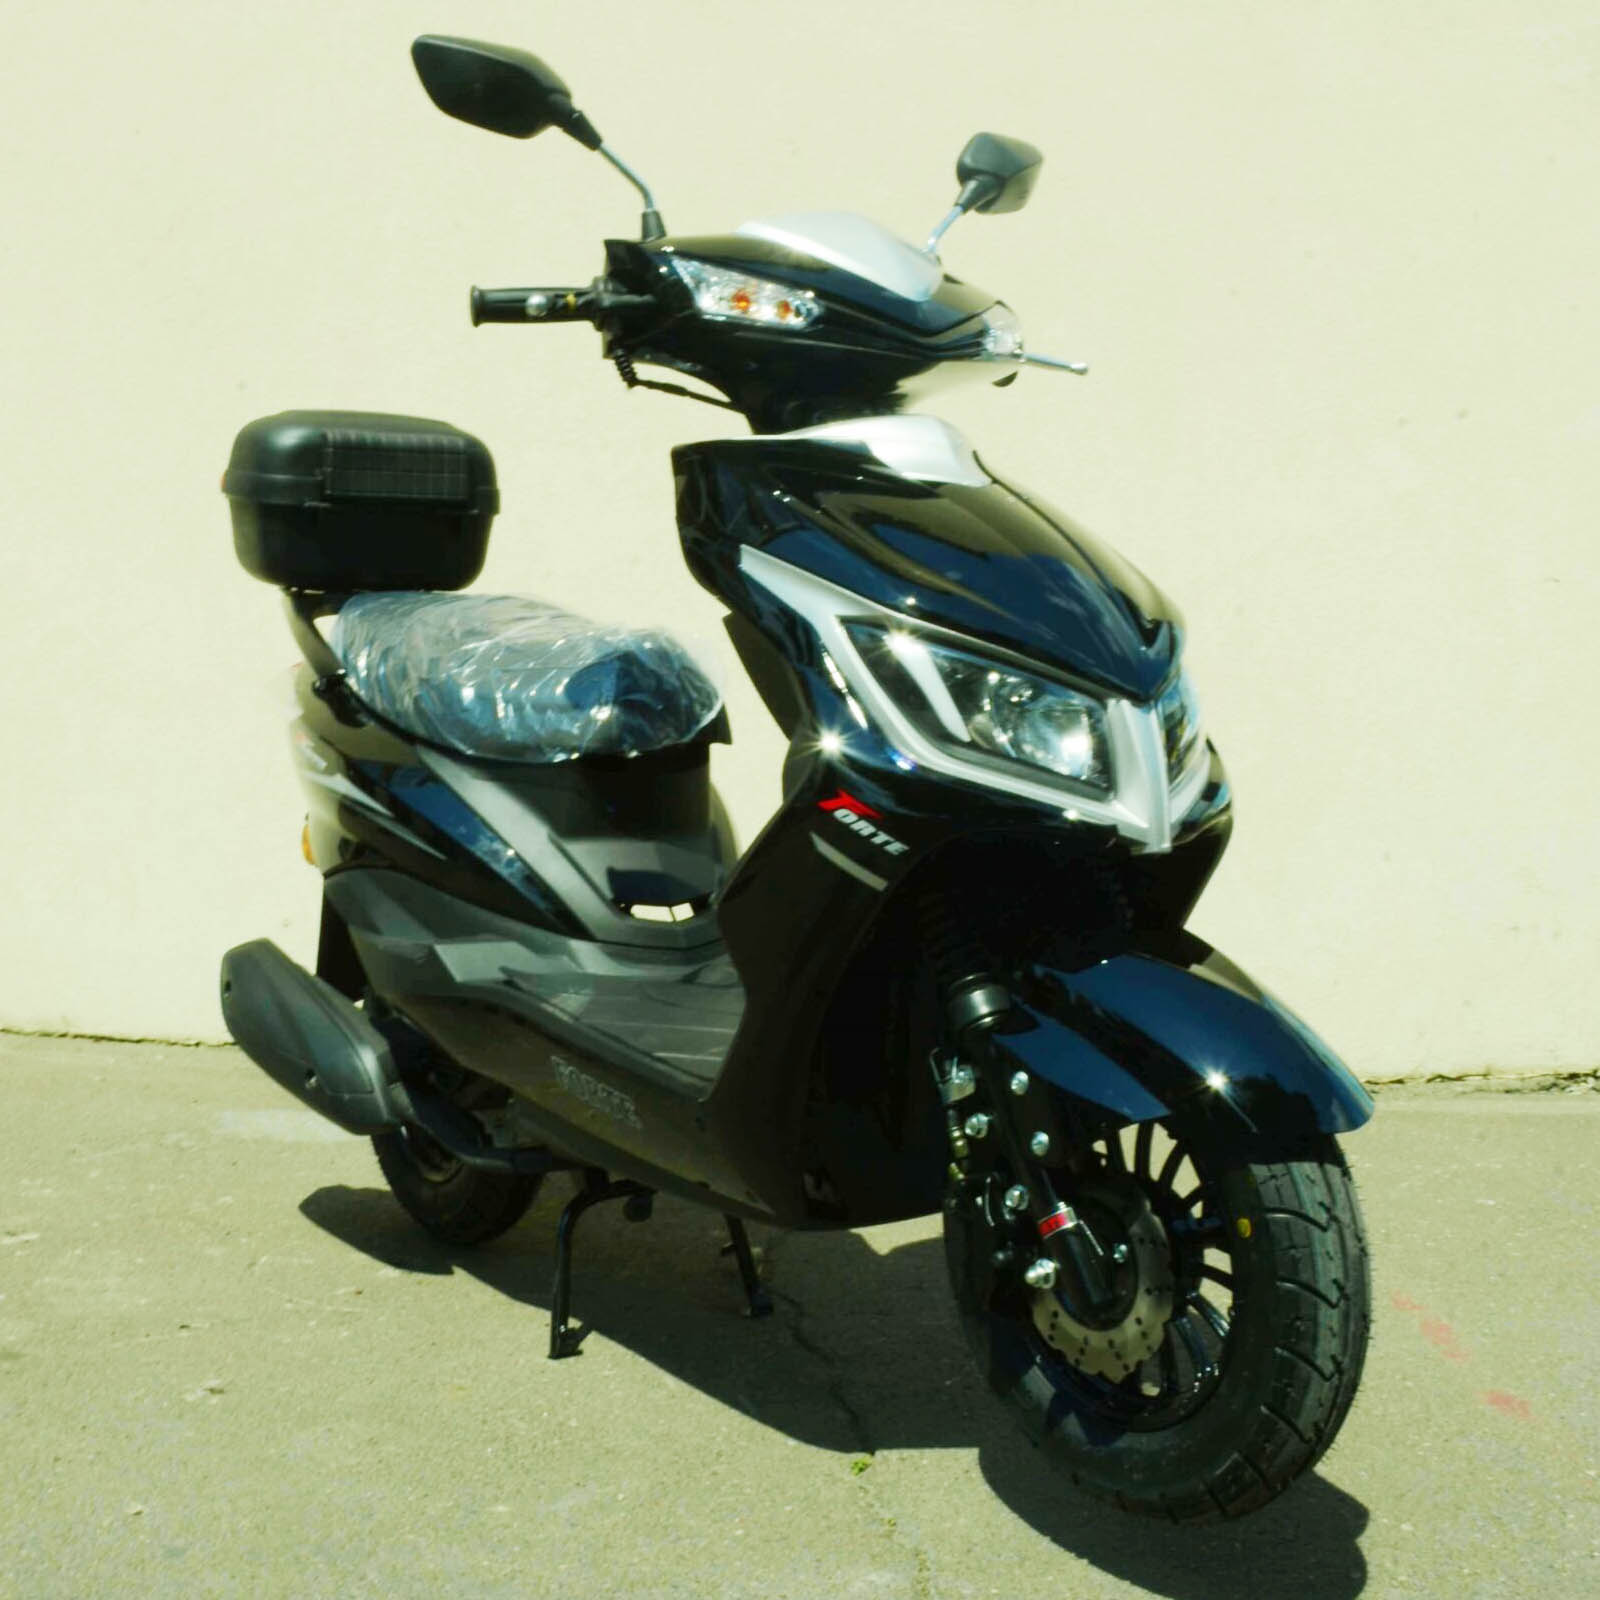 Скутер Forte M8 цвет чёрный вид справа спереди купить по низкой цене